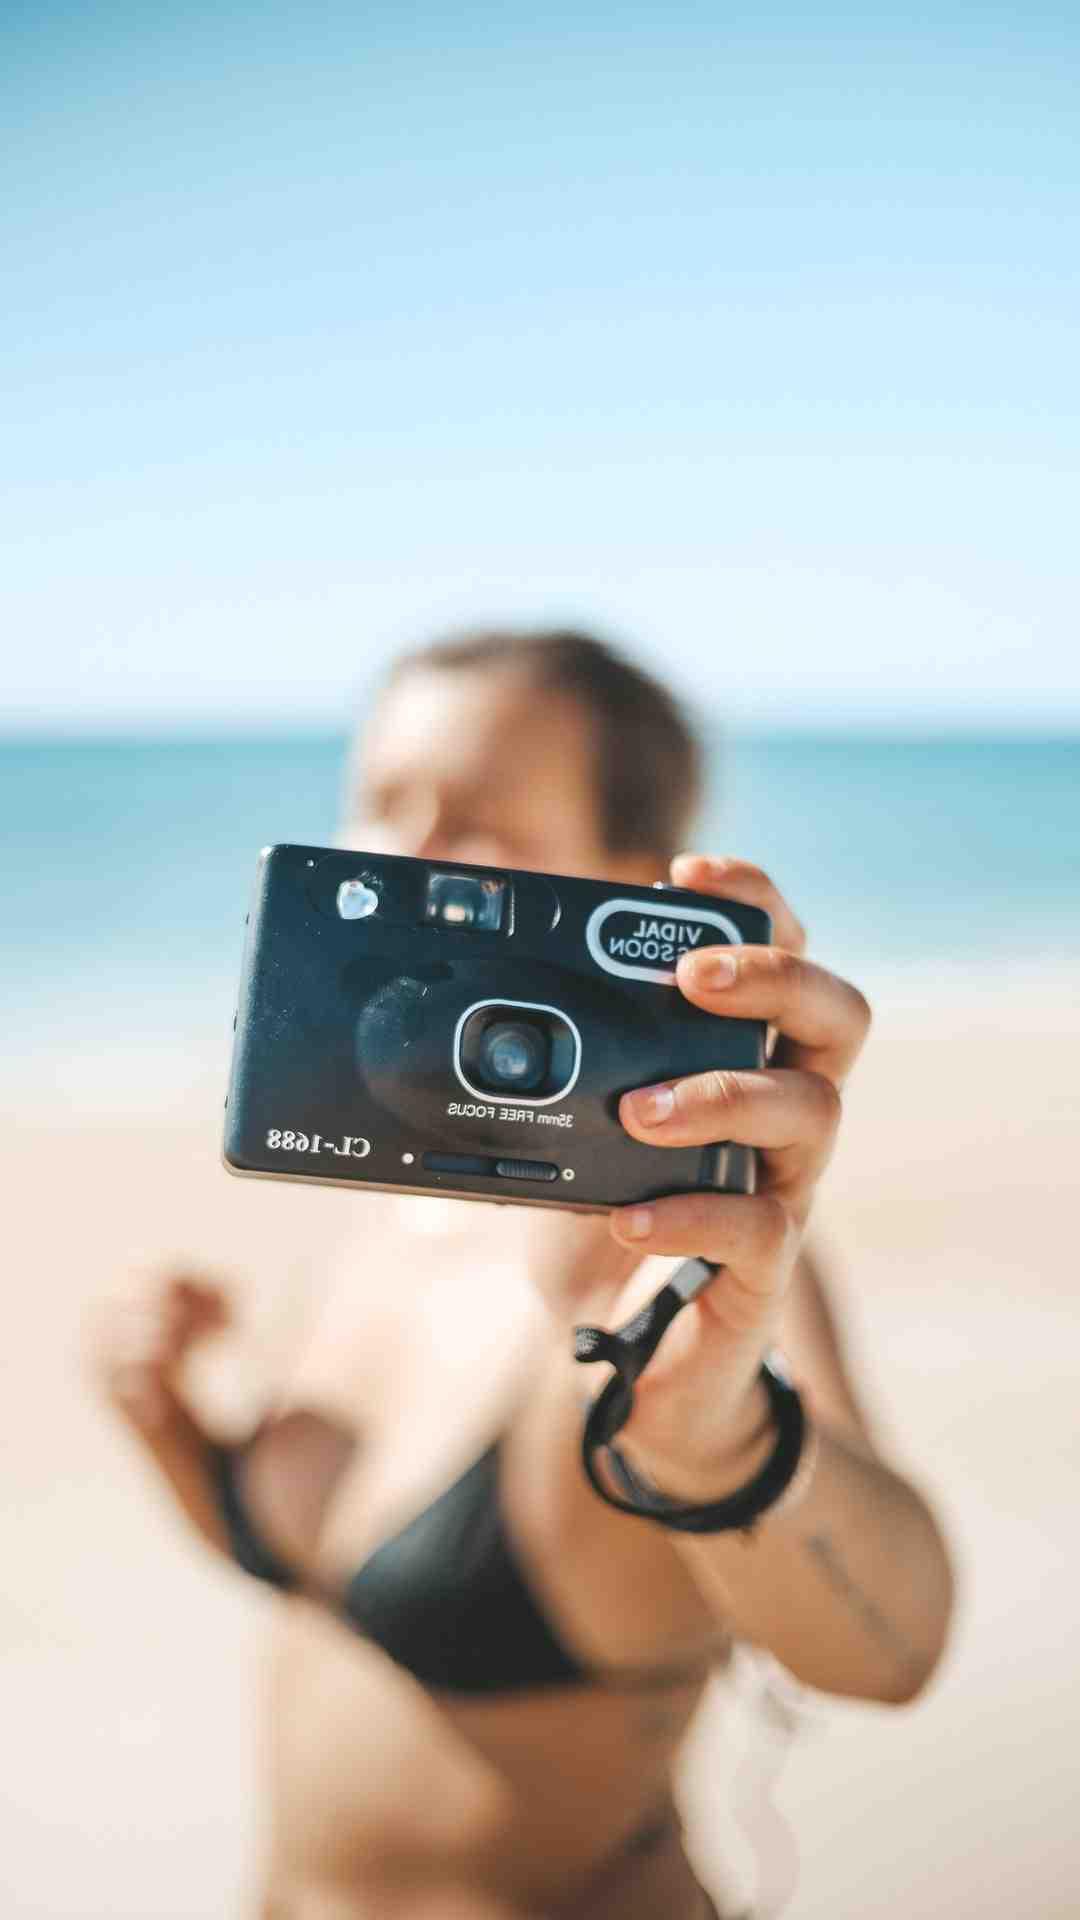 Comment télécharger une photo d'identité au format JPEG?